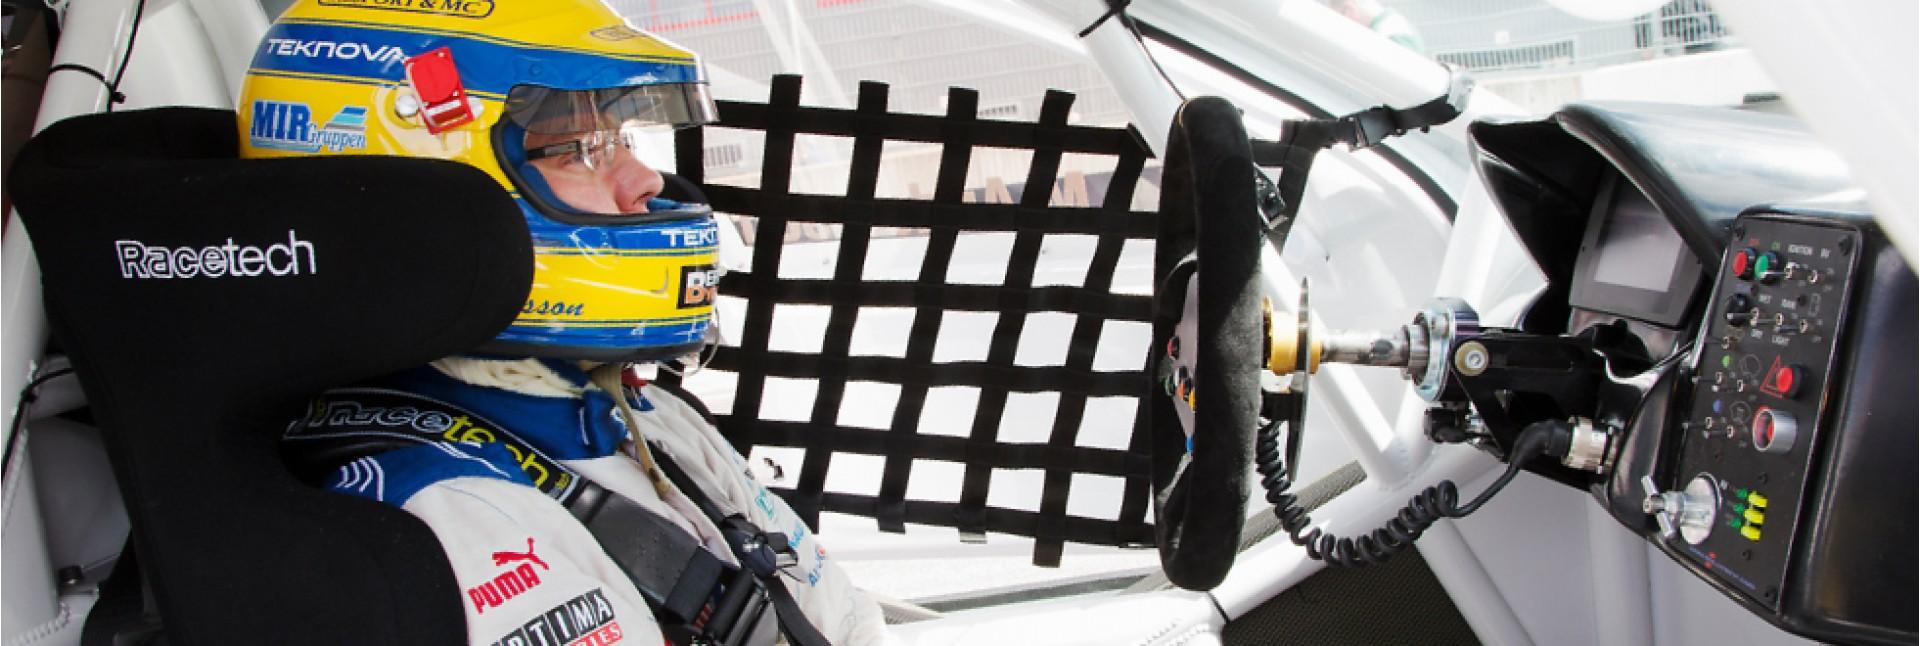 Racetech Seats